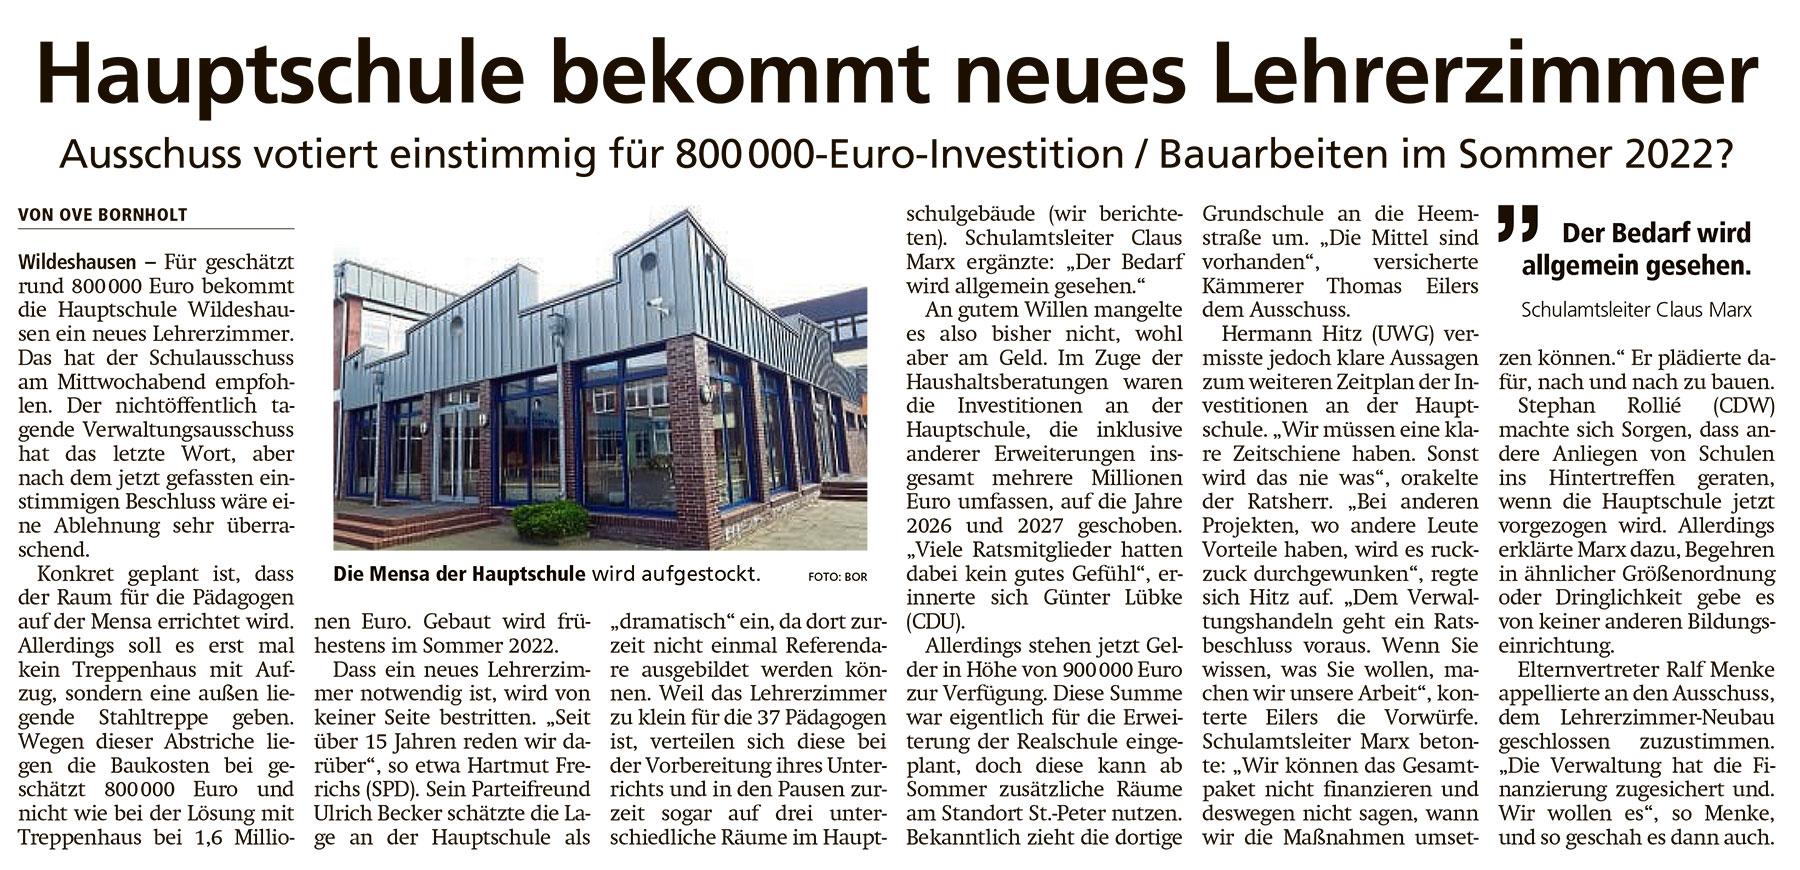 Hauptschule bekommt neues LehrerzimmerAusschuss votiert einstimmig für 800 000-Euro-Investition / Bauarbeiten im Sommer 2022?Artikel vom 23.04.2021 (WZ)